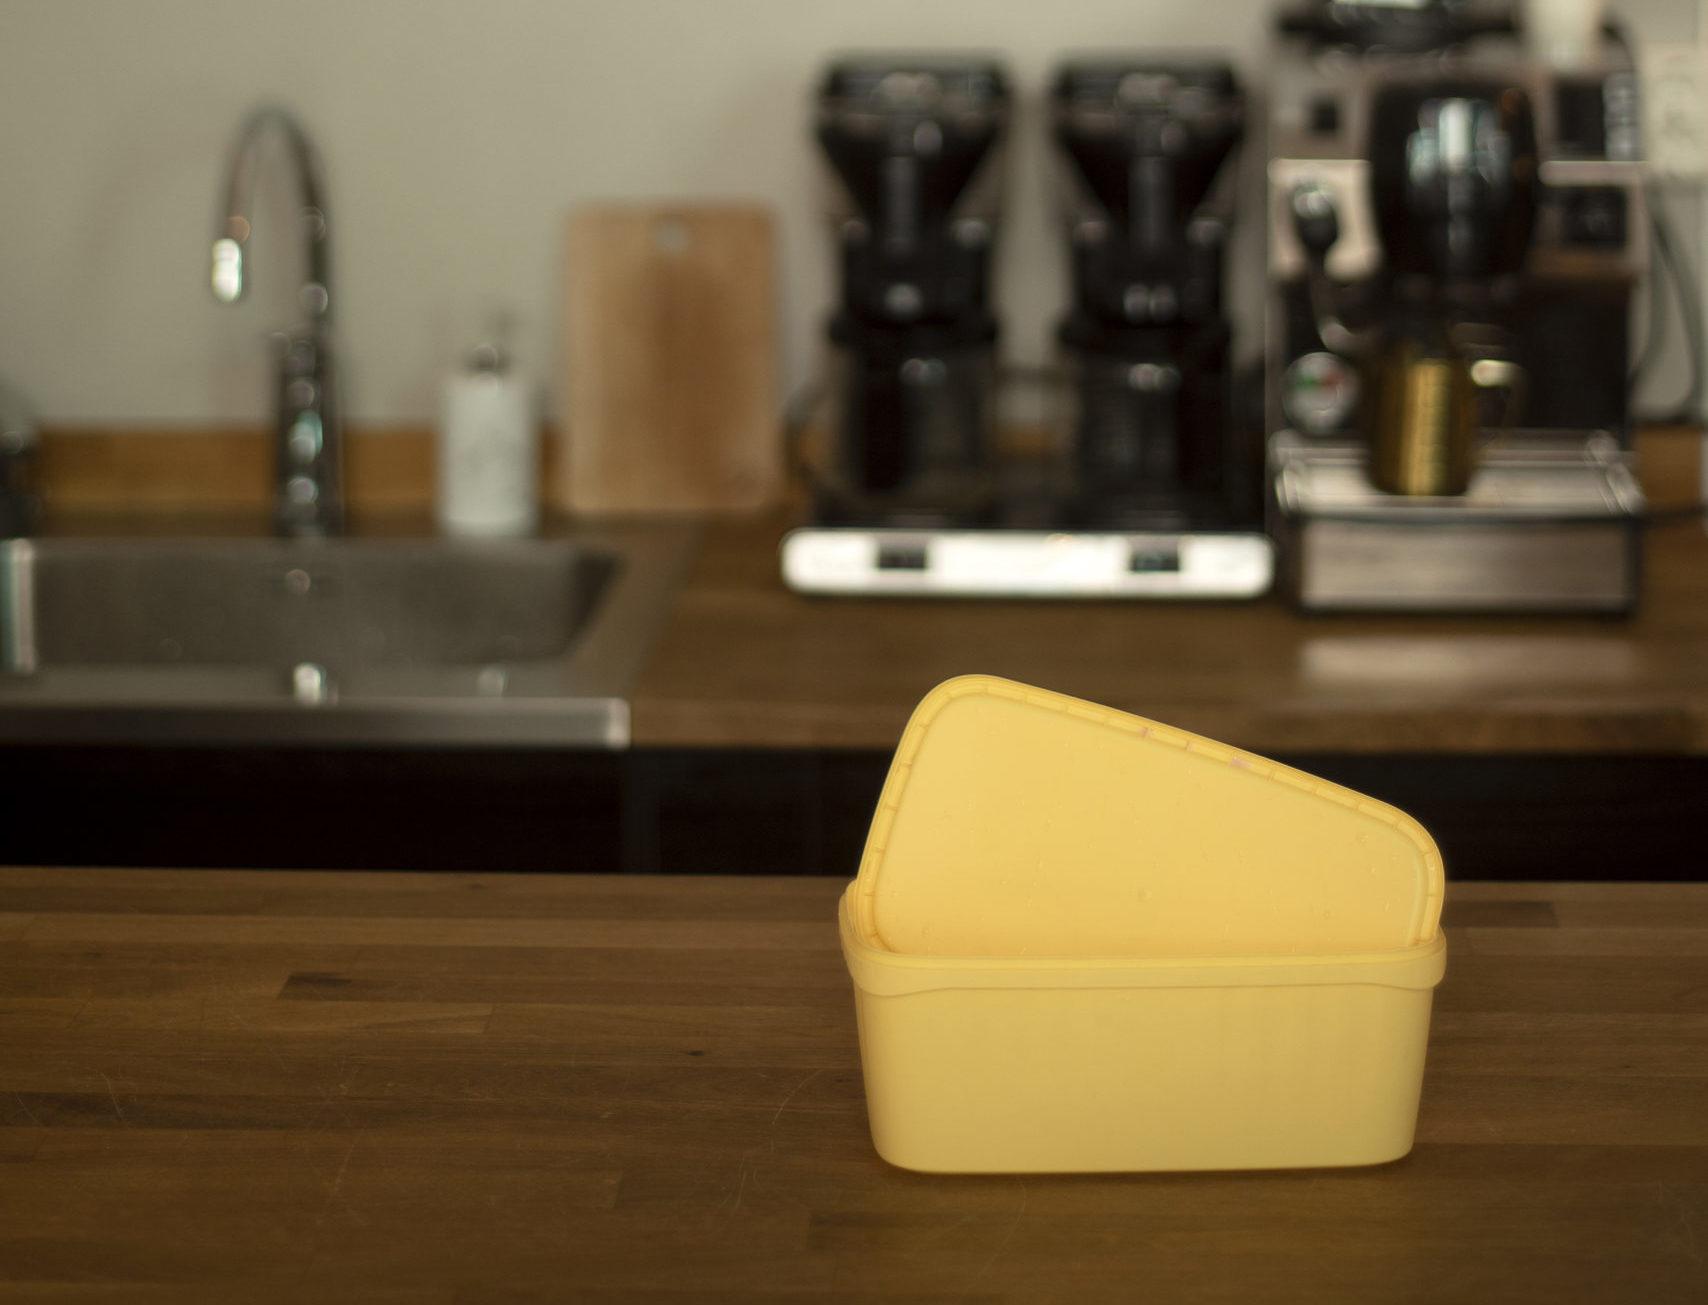 En isboks på en kjøkkenbenk som illustrerer plastemballasje